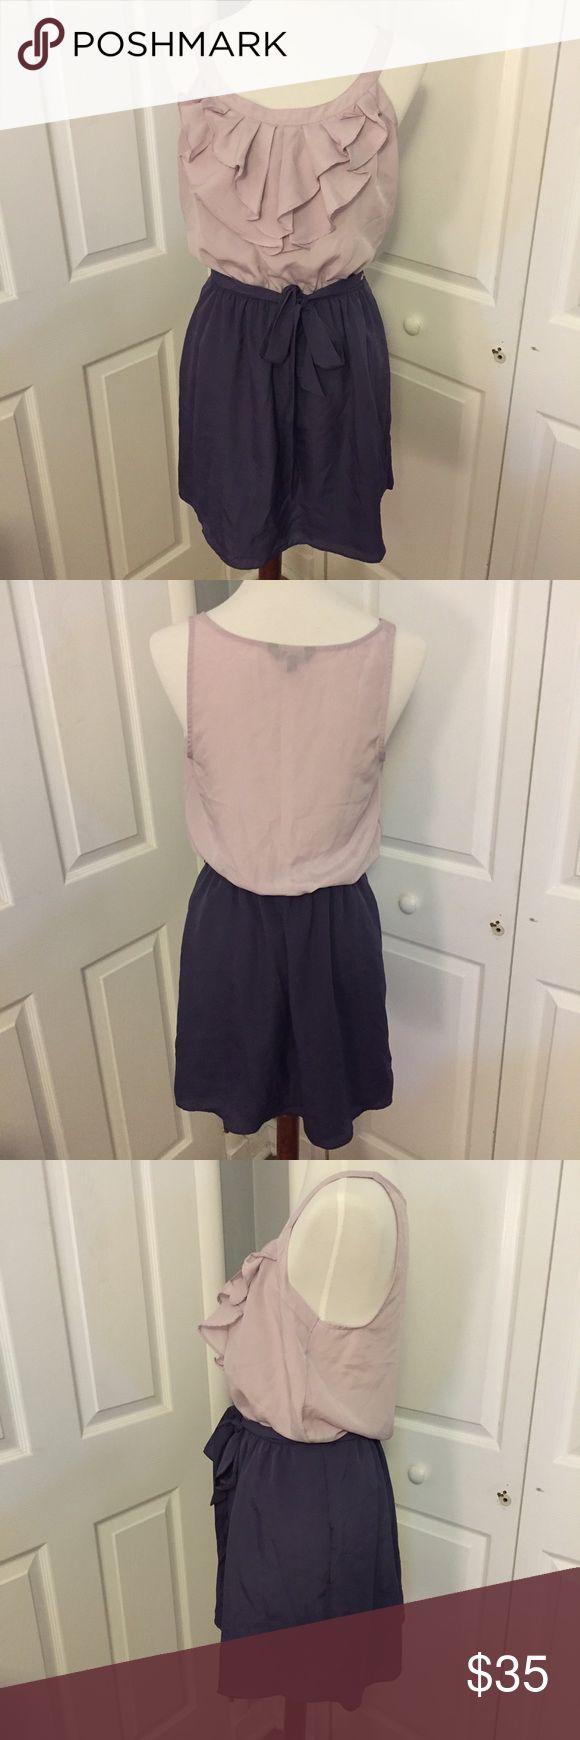 Express Purple Ruffle Block Dress. Size M. Express Purple Ruffle Block Dress. Size M. Express Dresses